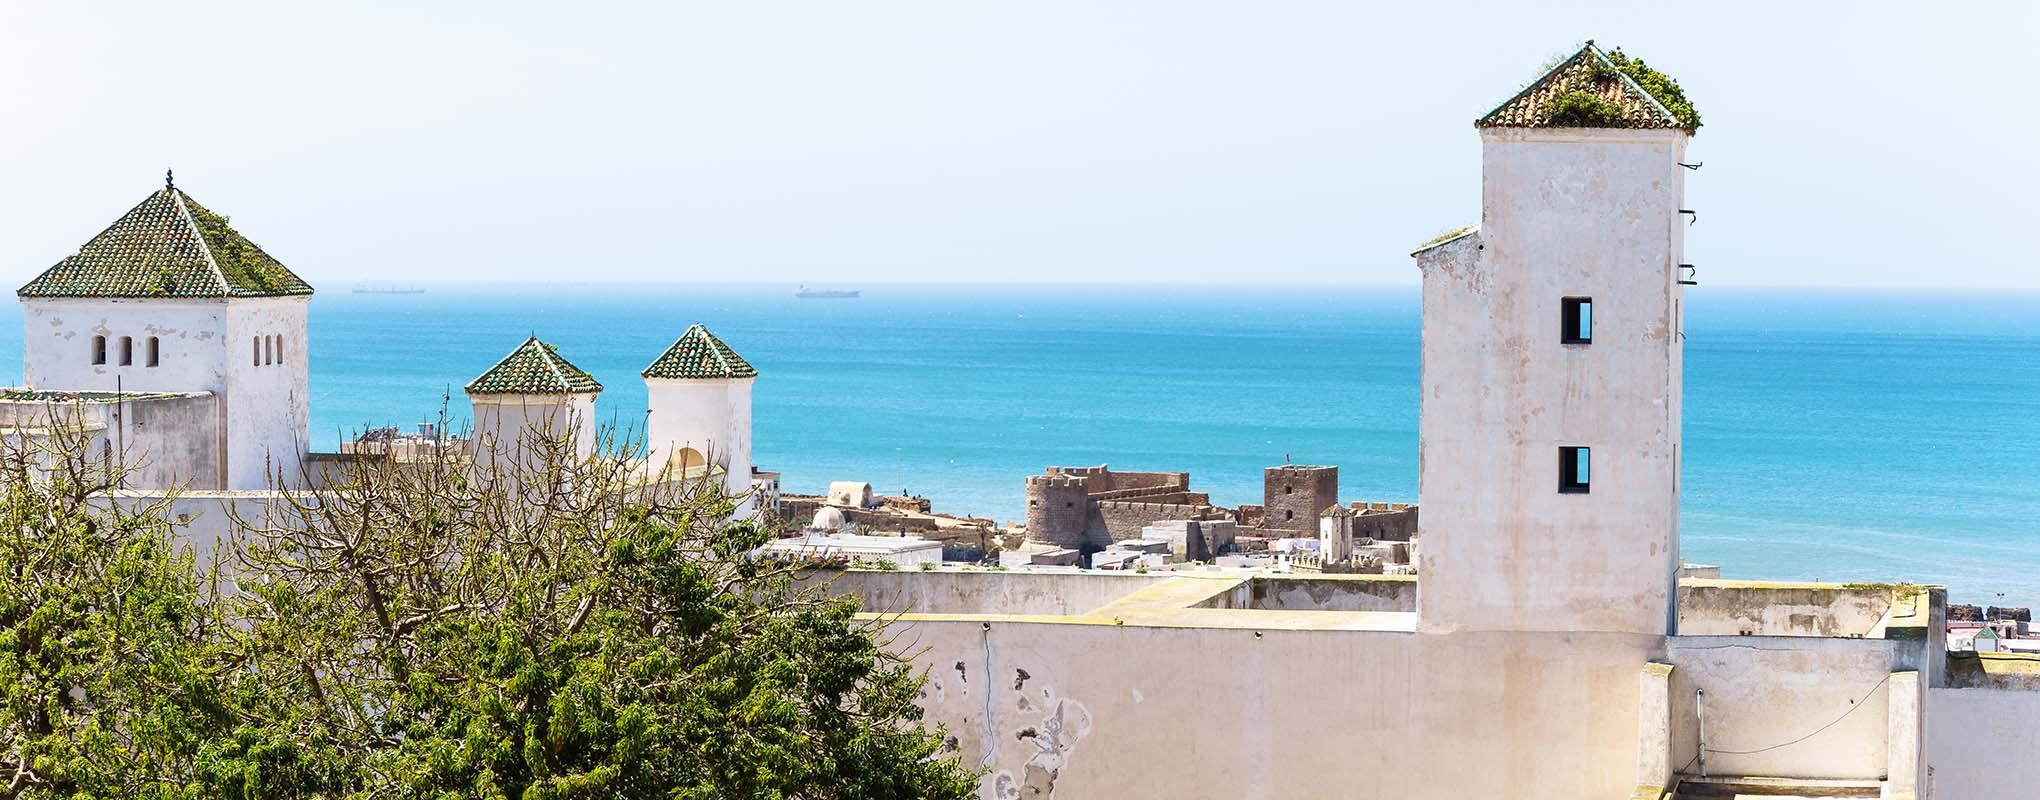 Vistas de la ciudad de Safi Marruecos